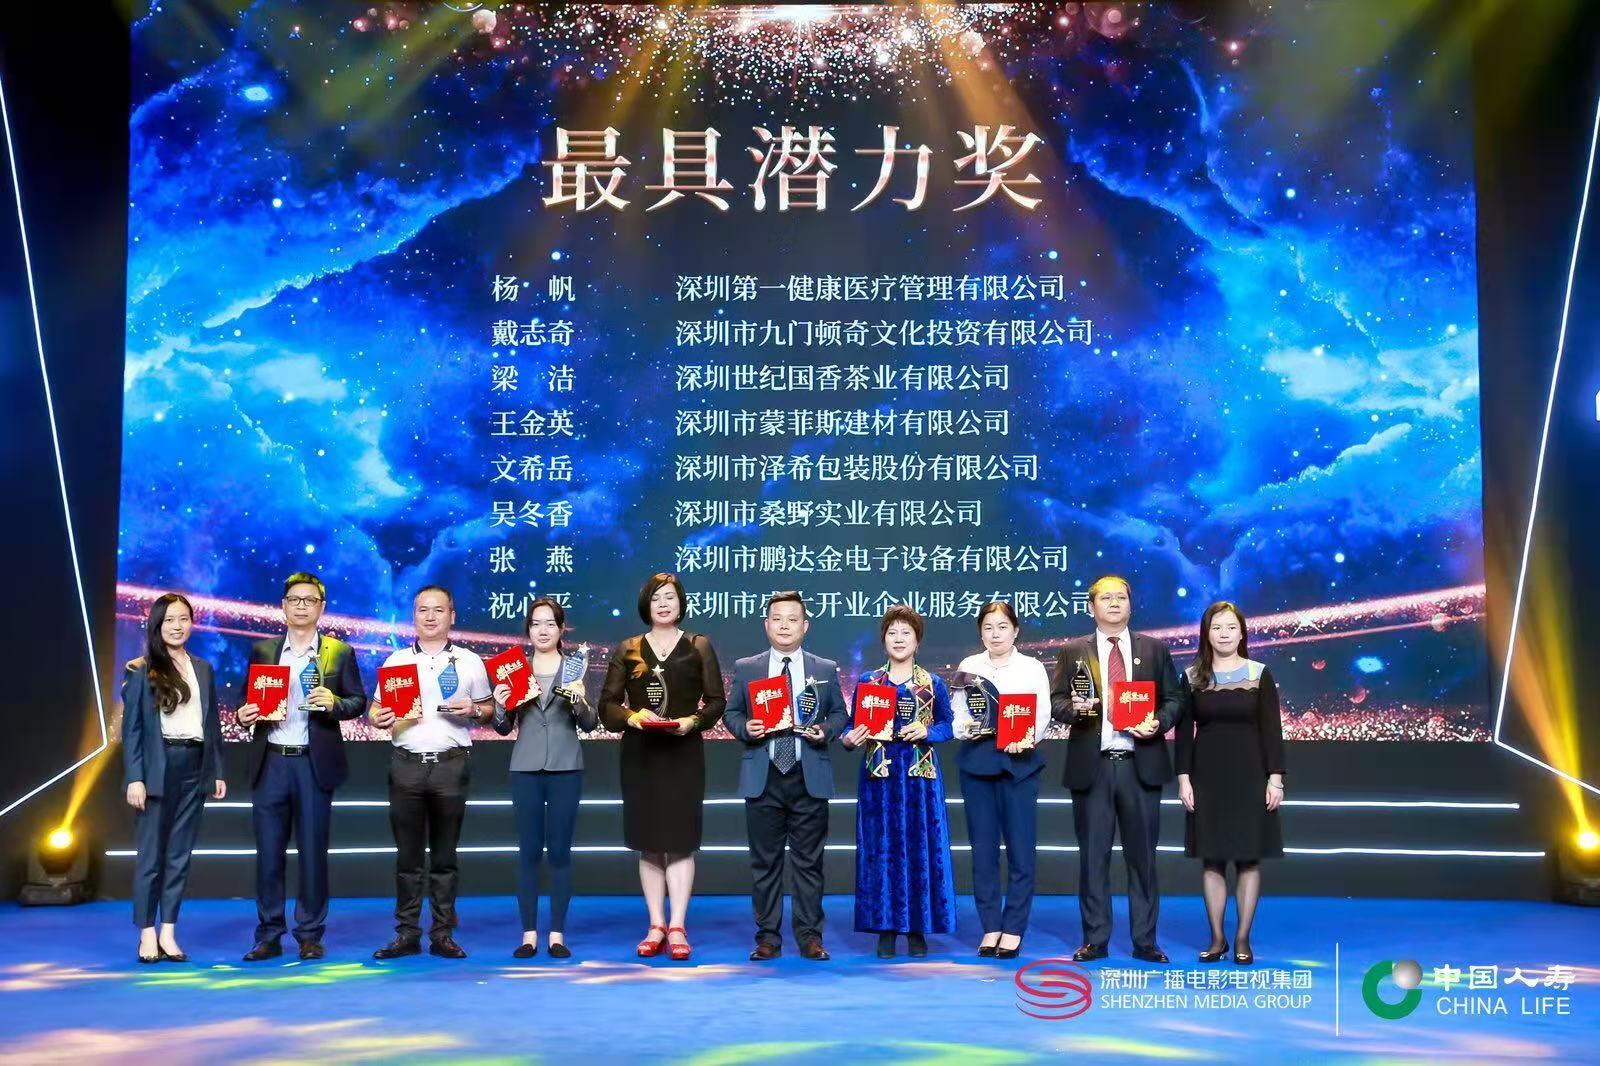 鹏达金张燕荣膺深圳创业风云人物最具潜力奖